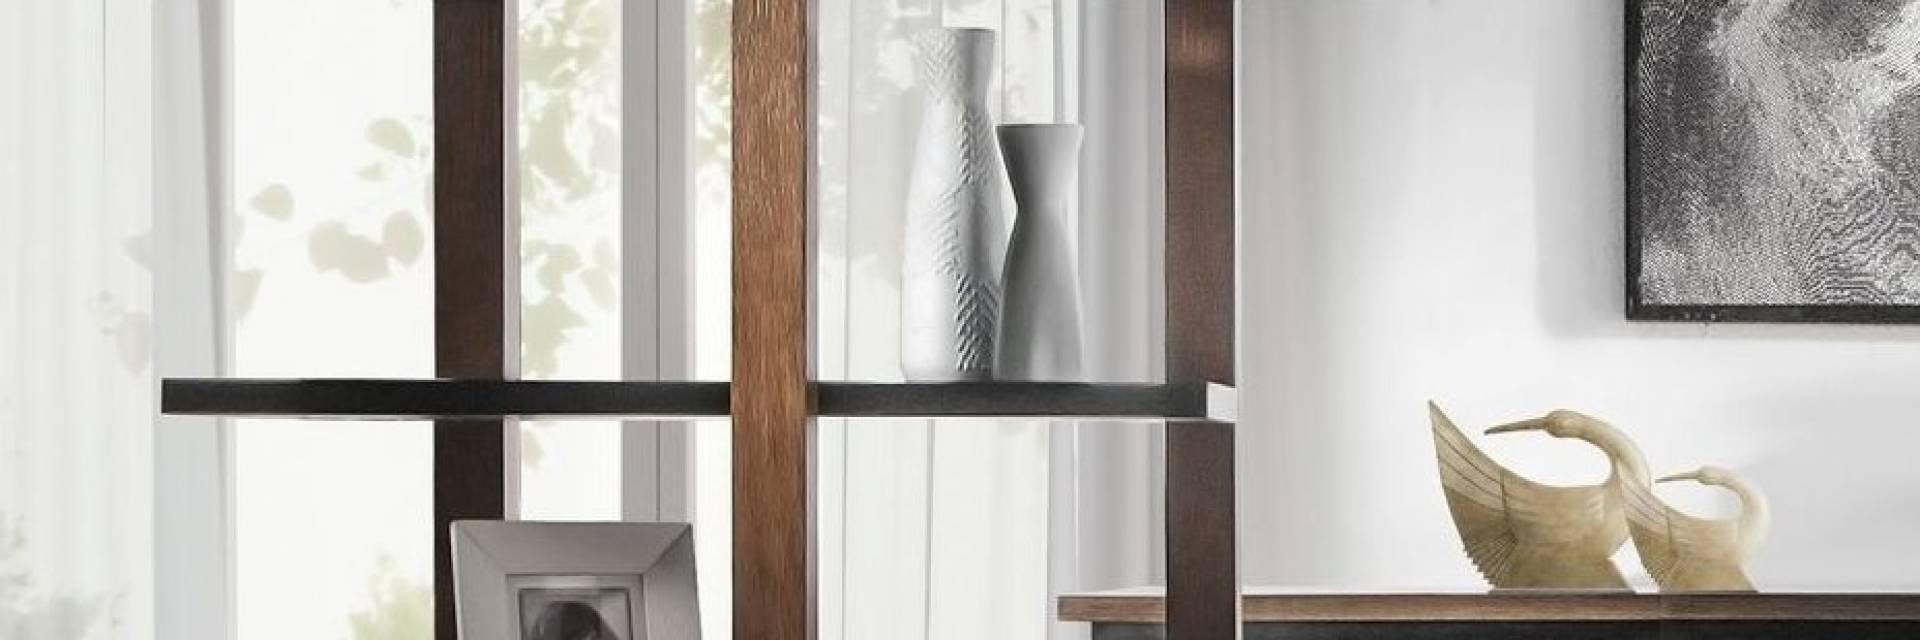 Meble Stylowe do Salonu Sempre z Litego Drewna Dębowego